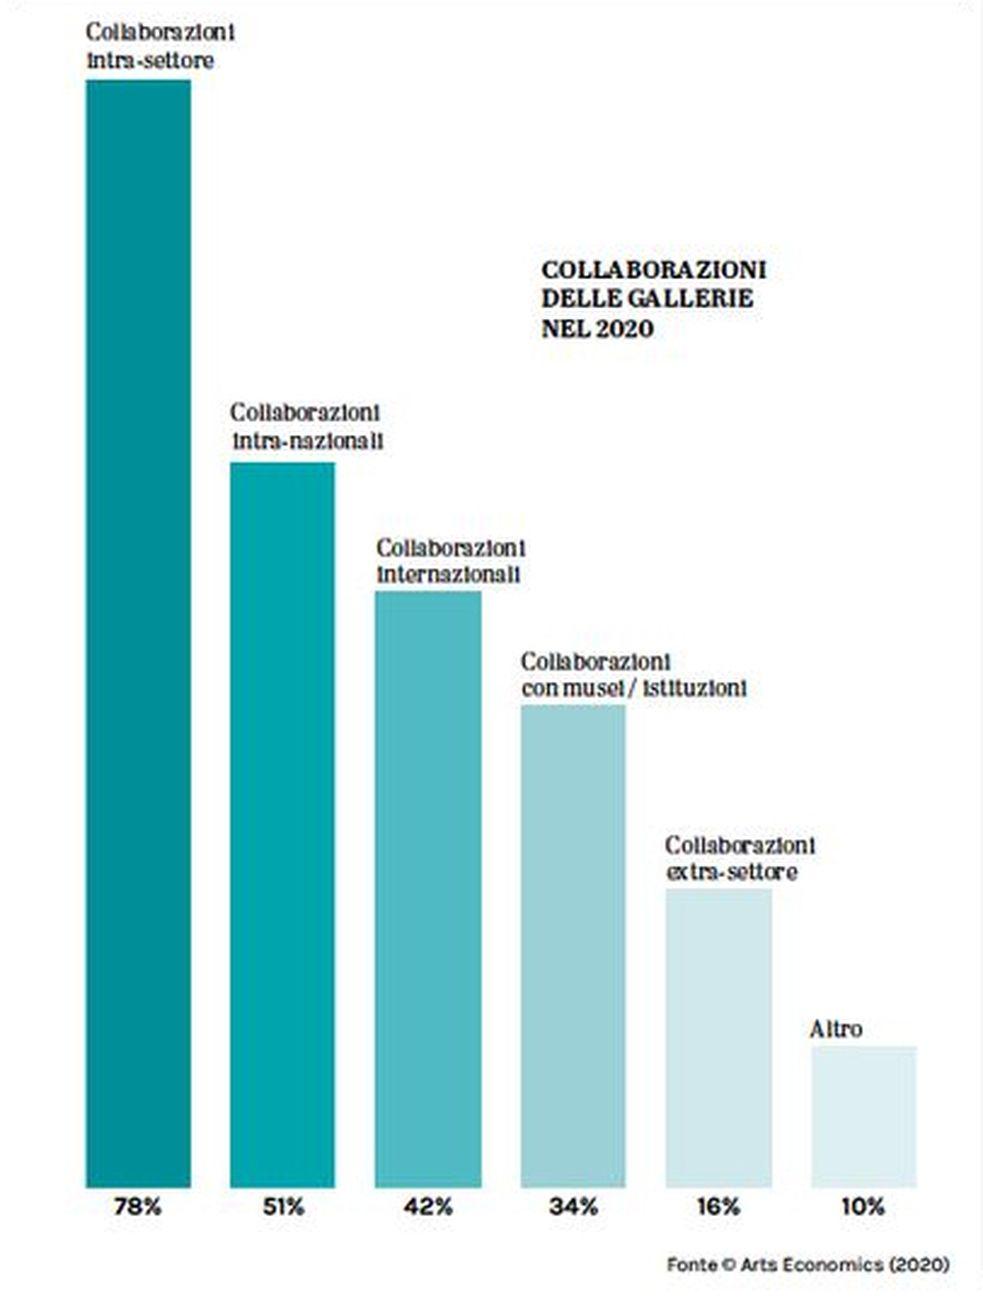 Collaborazioni delle gallerie nel 2020. Fonte © Art Economics 2020. Grafica © Artribune Magazine